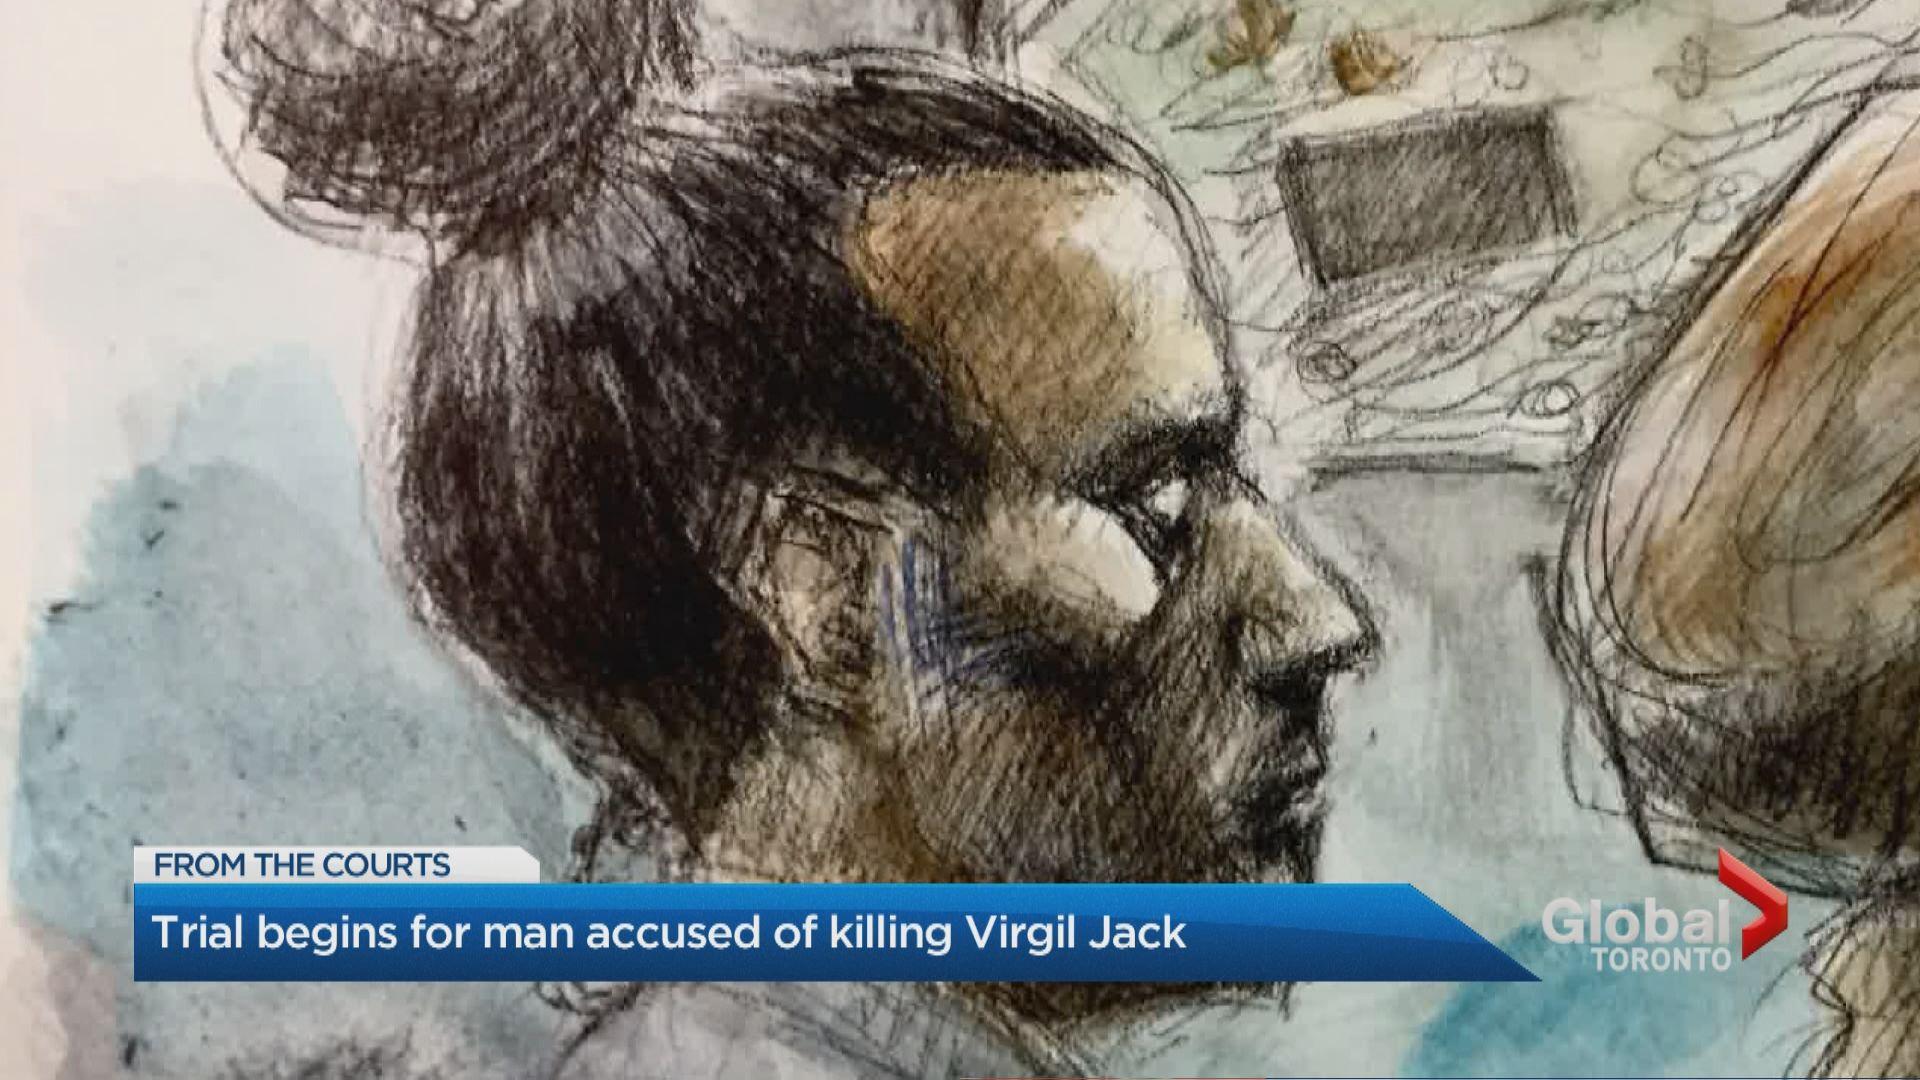 Trial for Nicholas Johnson, accused of 2nd-degree murder of Virgil Jack,  begins